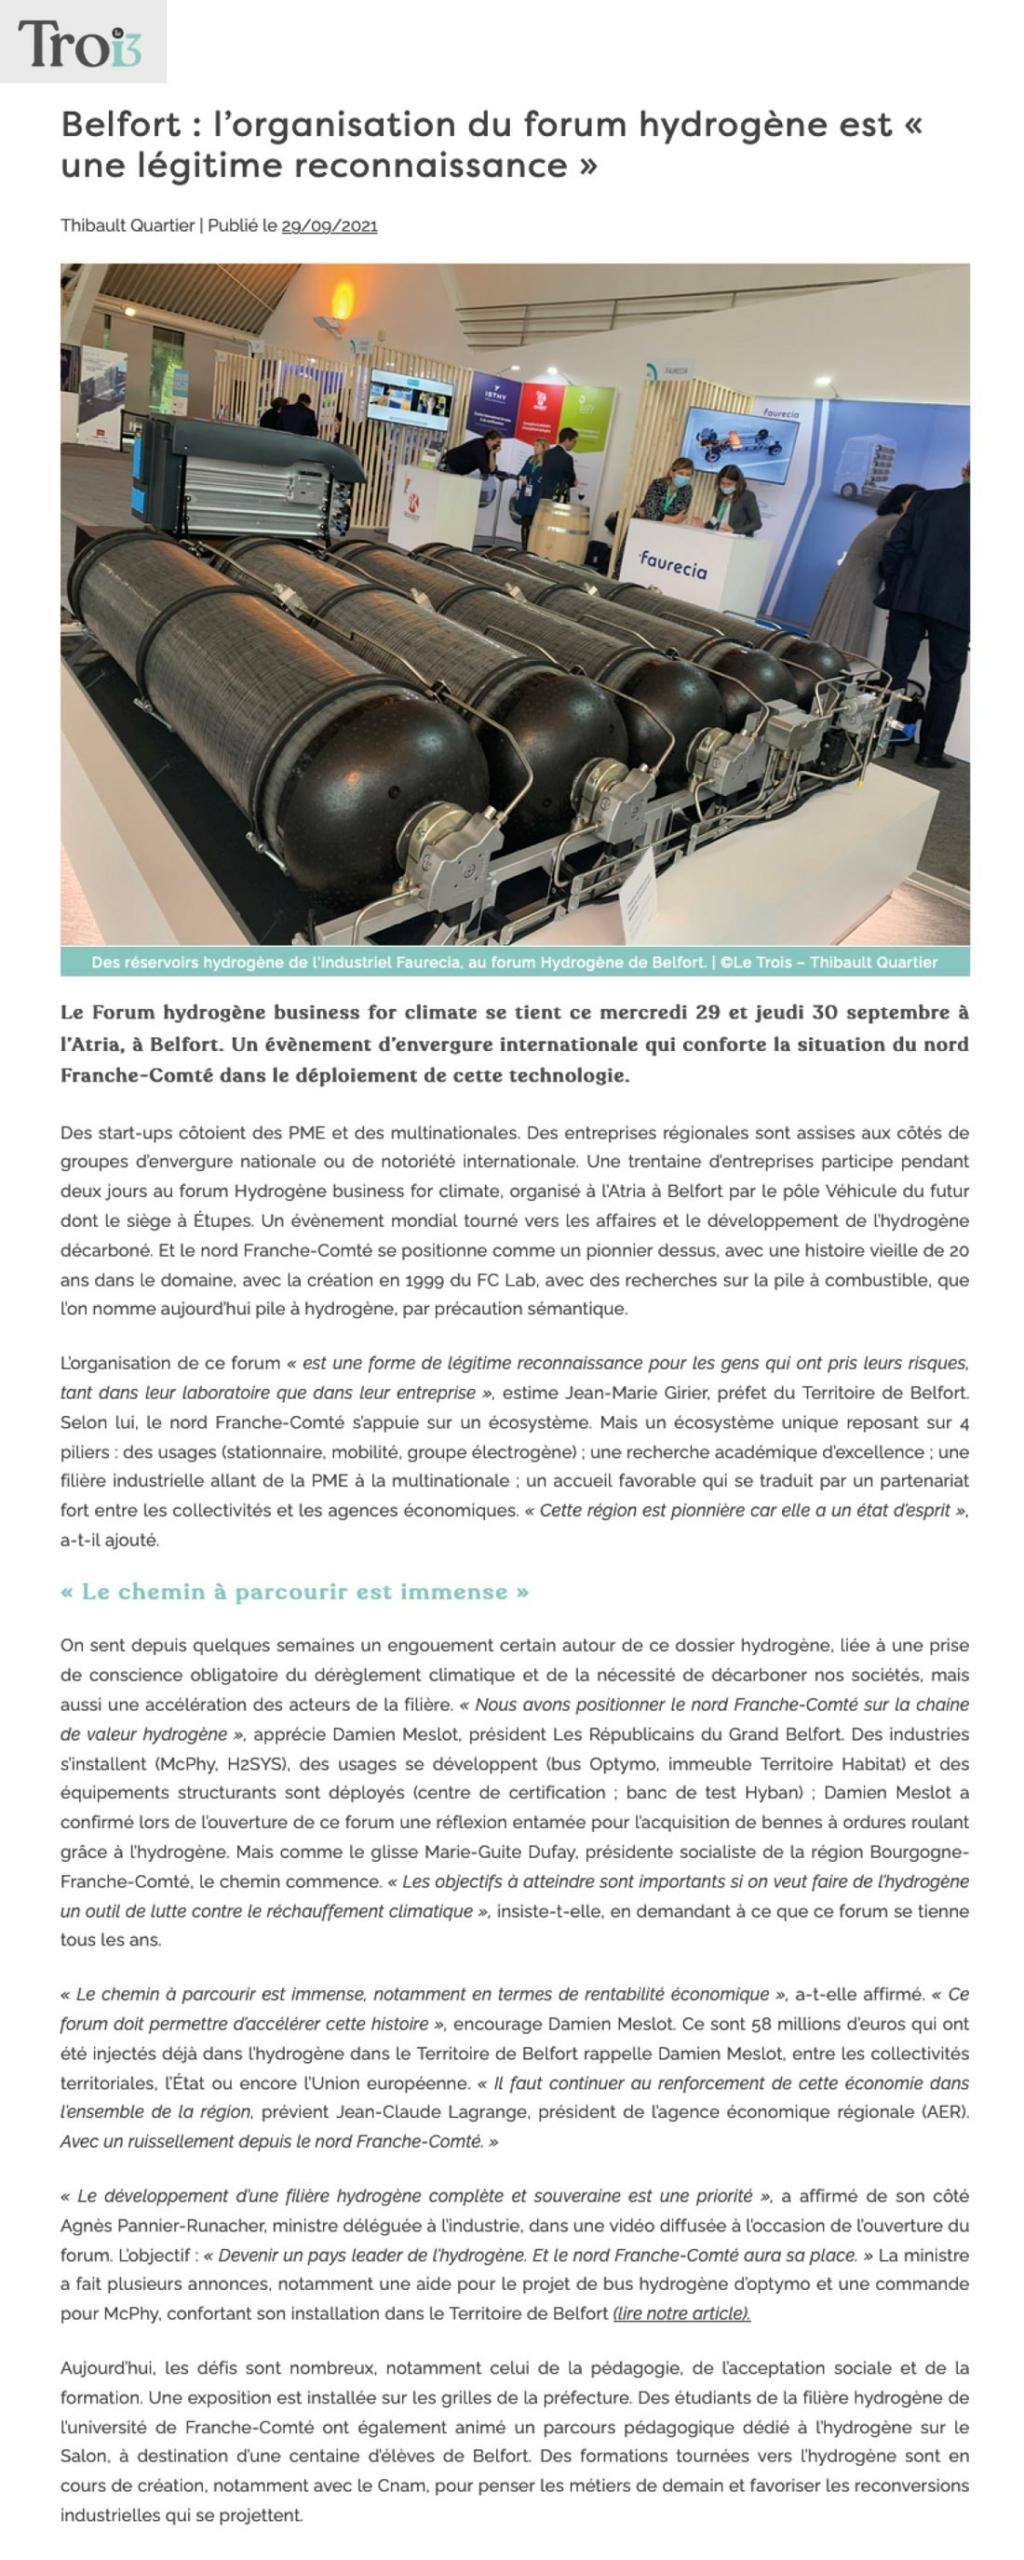 Article LeTrois.info